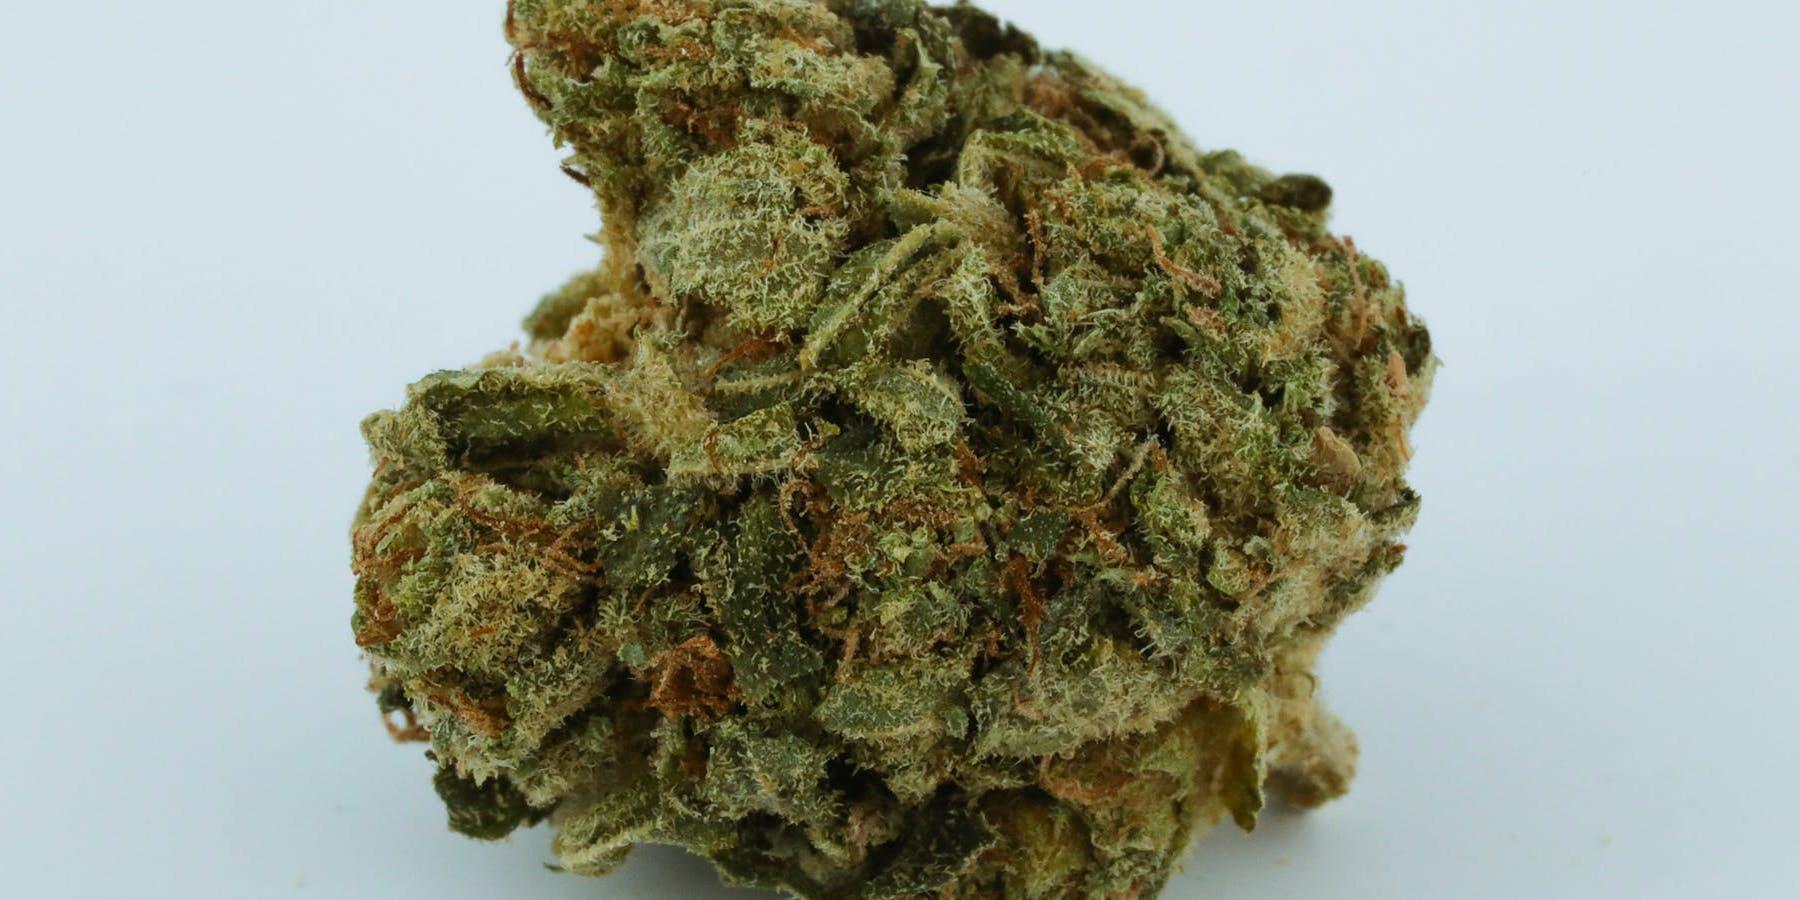 Juicy Fruit Weed; Juicy Fruit Cannabis Strain; Juicy Fruit Hybrid Marijuana Strain